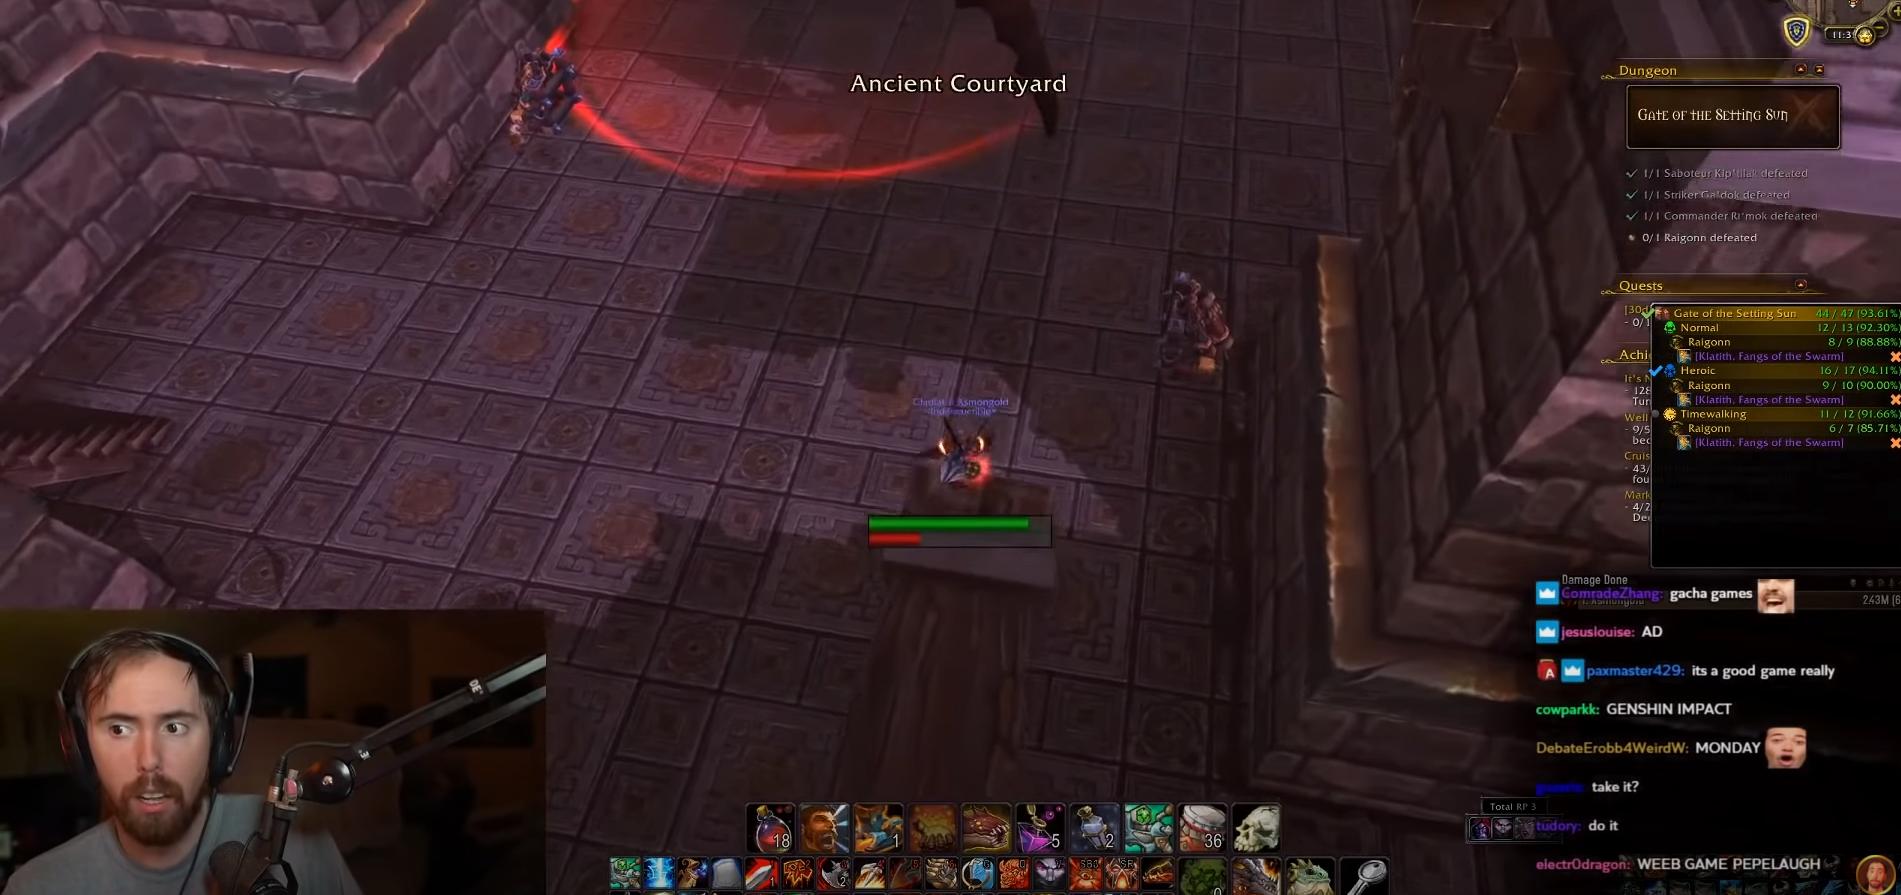 Asmongold a eu une généreuse proposiiton pour streamer sur un jeu